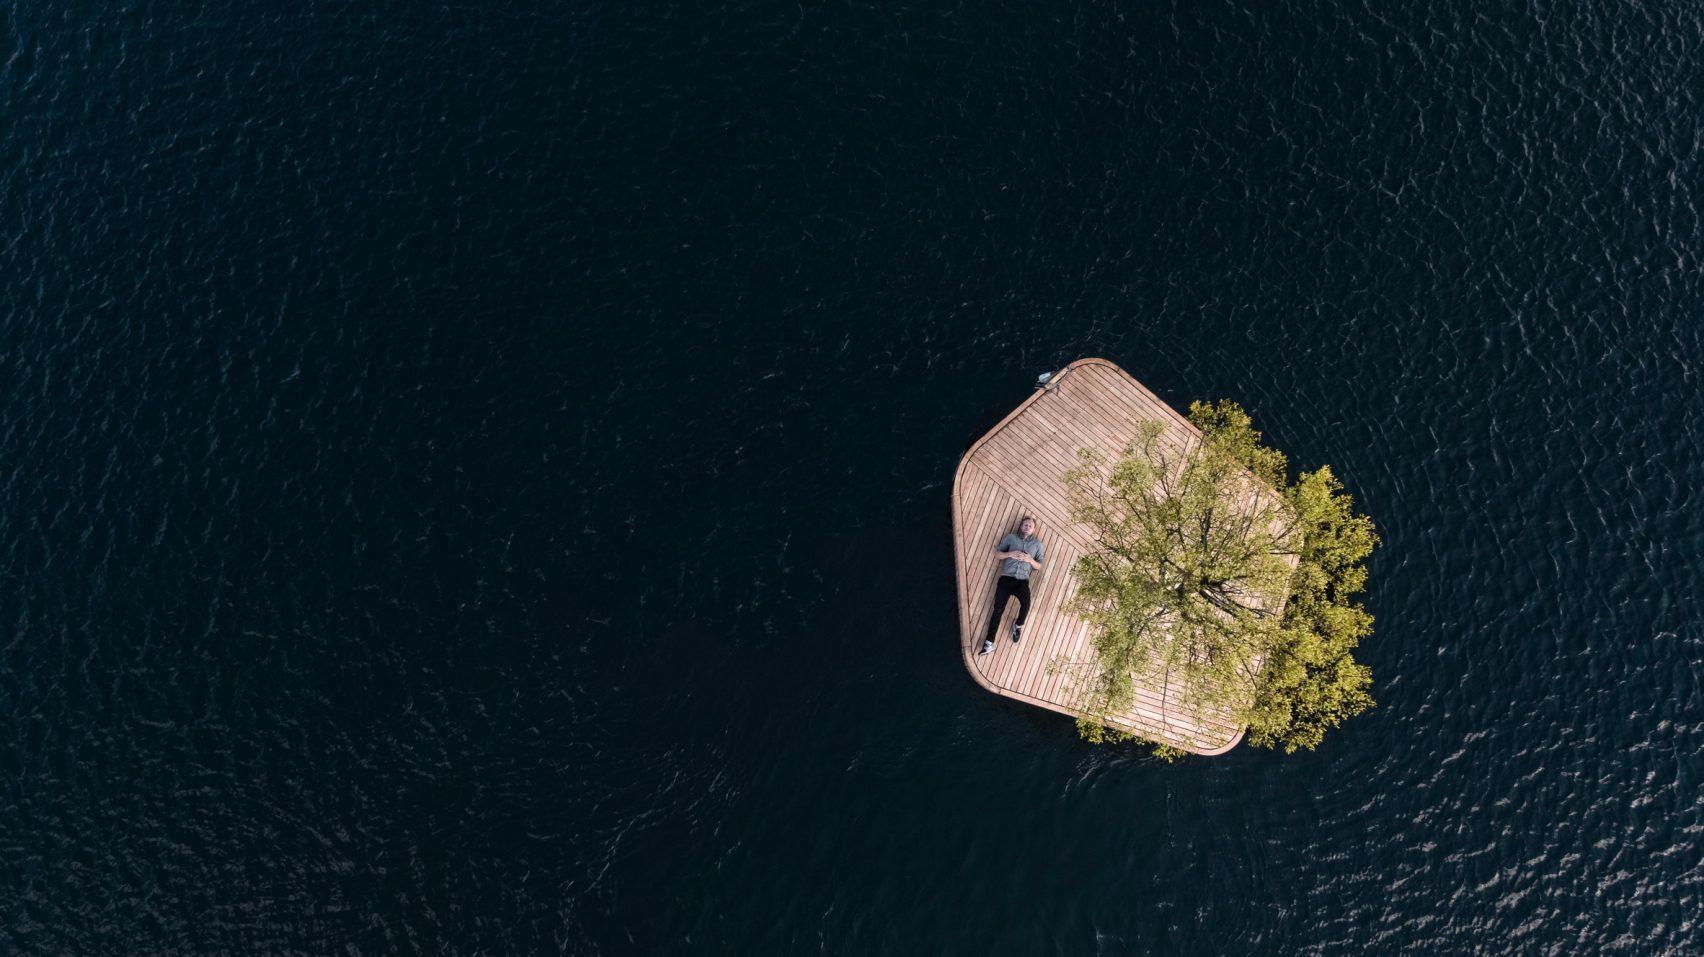 marshall-blecher-magnus-maarbjerg-copenhagen-floating-island_dezeen_2364_col_6-1704x957